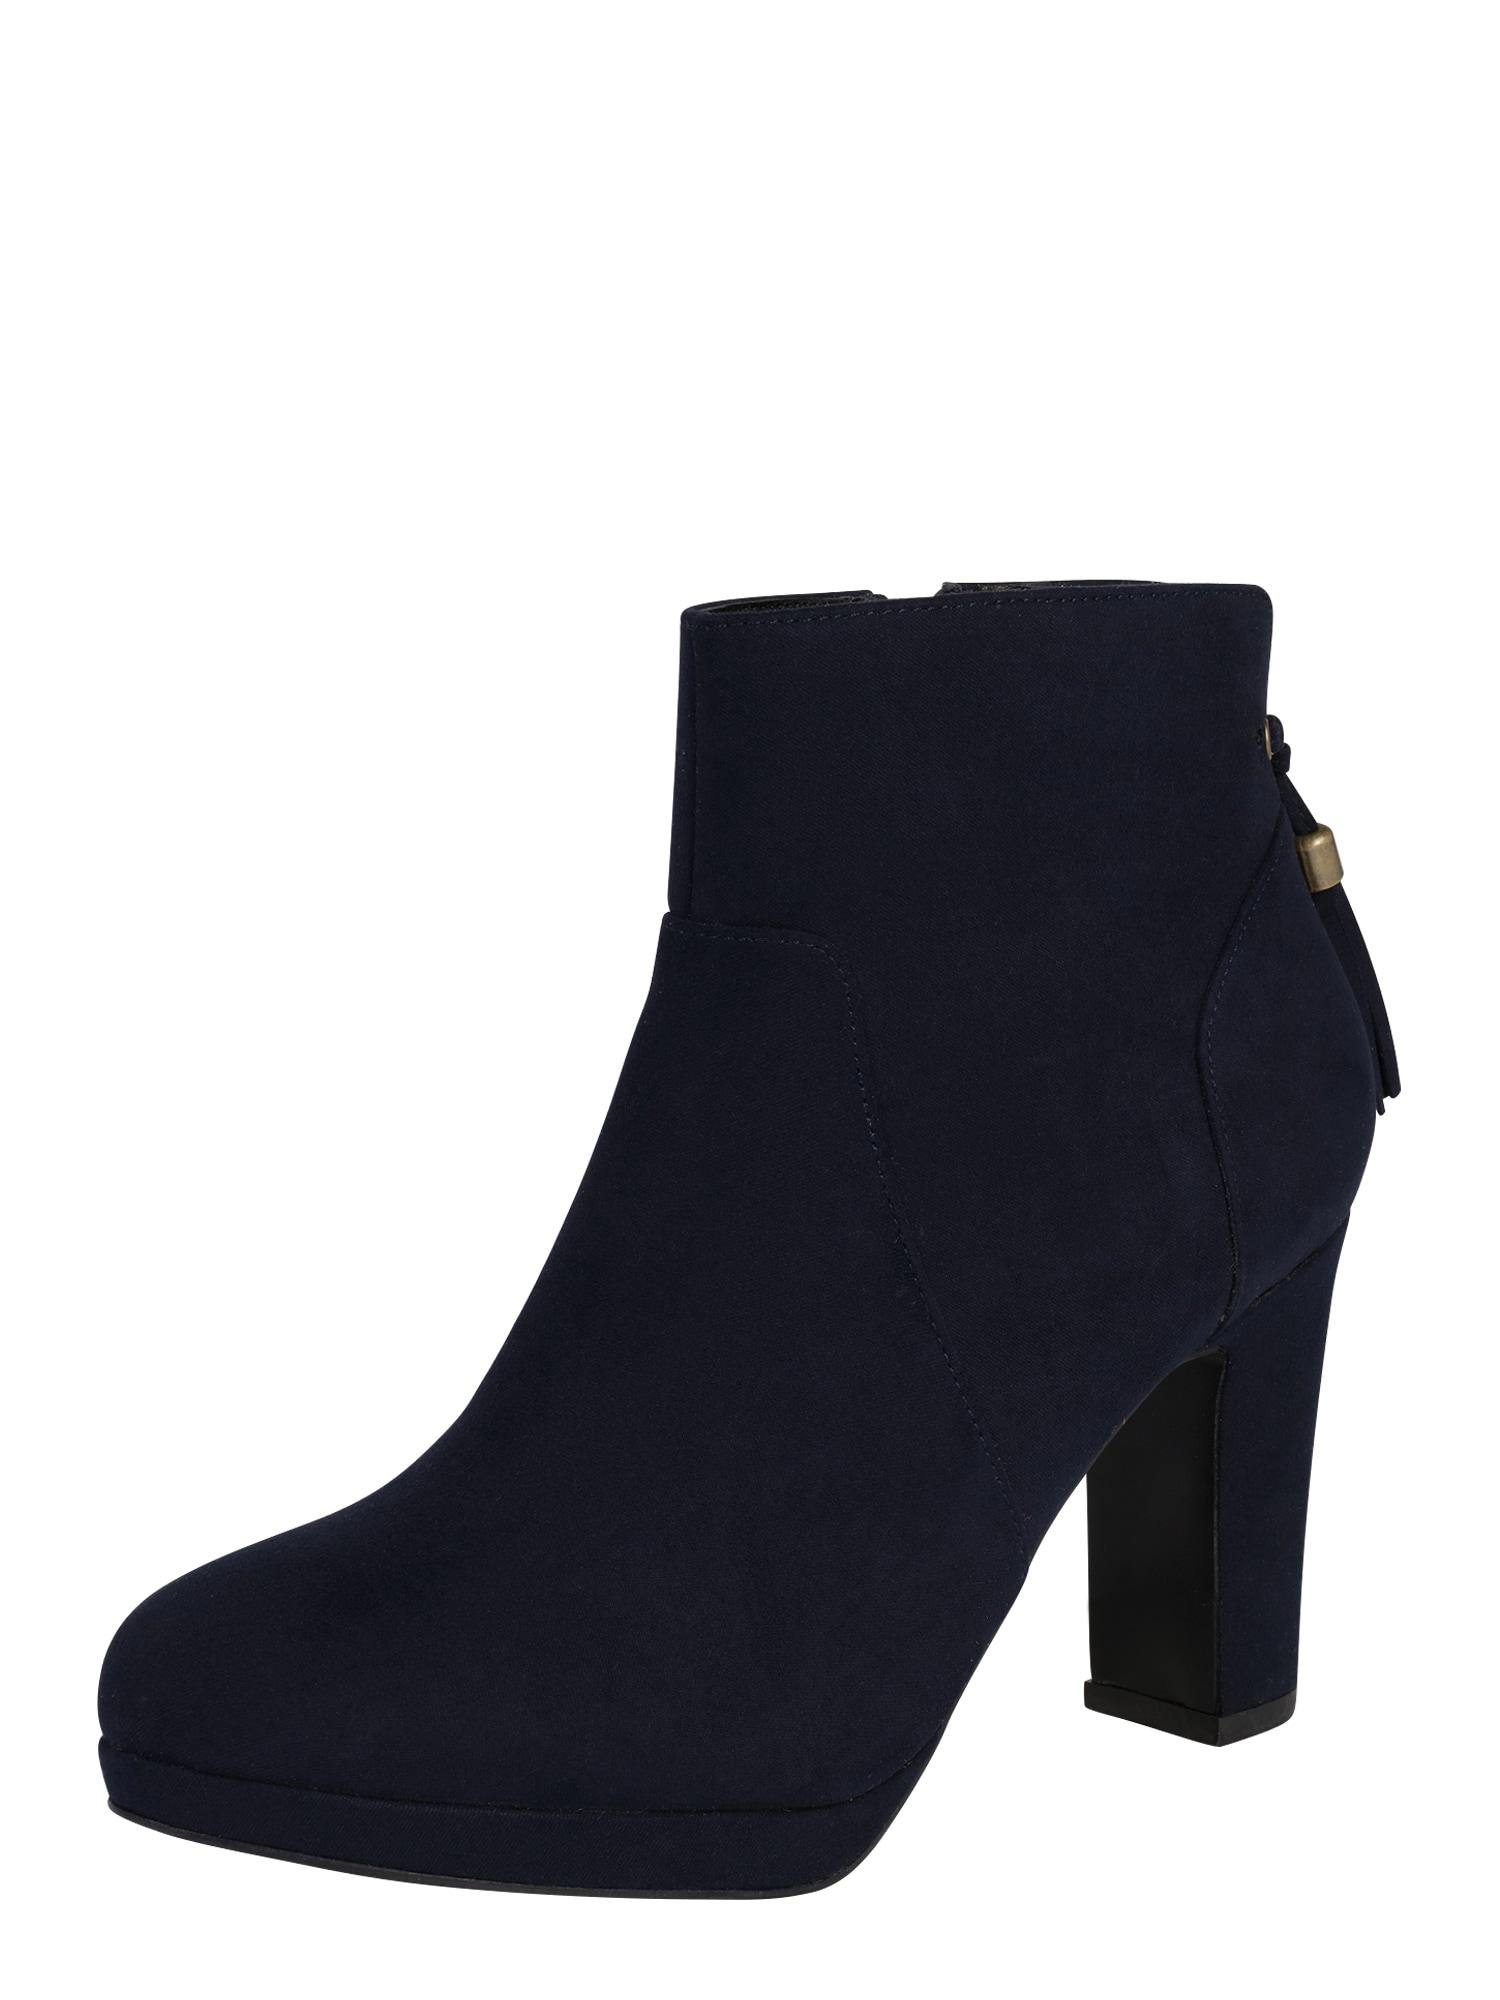 Kotníkové boty Alessandra tmavě modrá ABOUT YOU